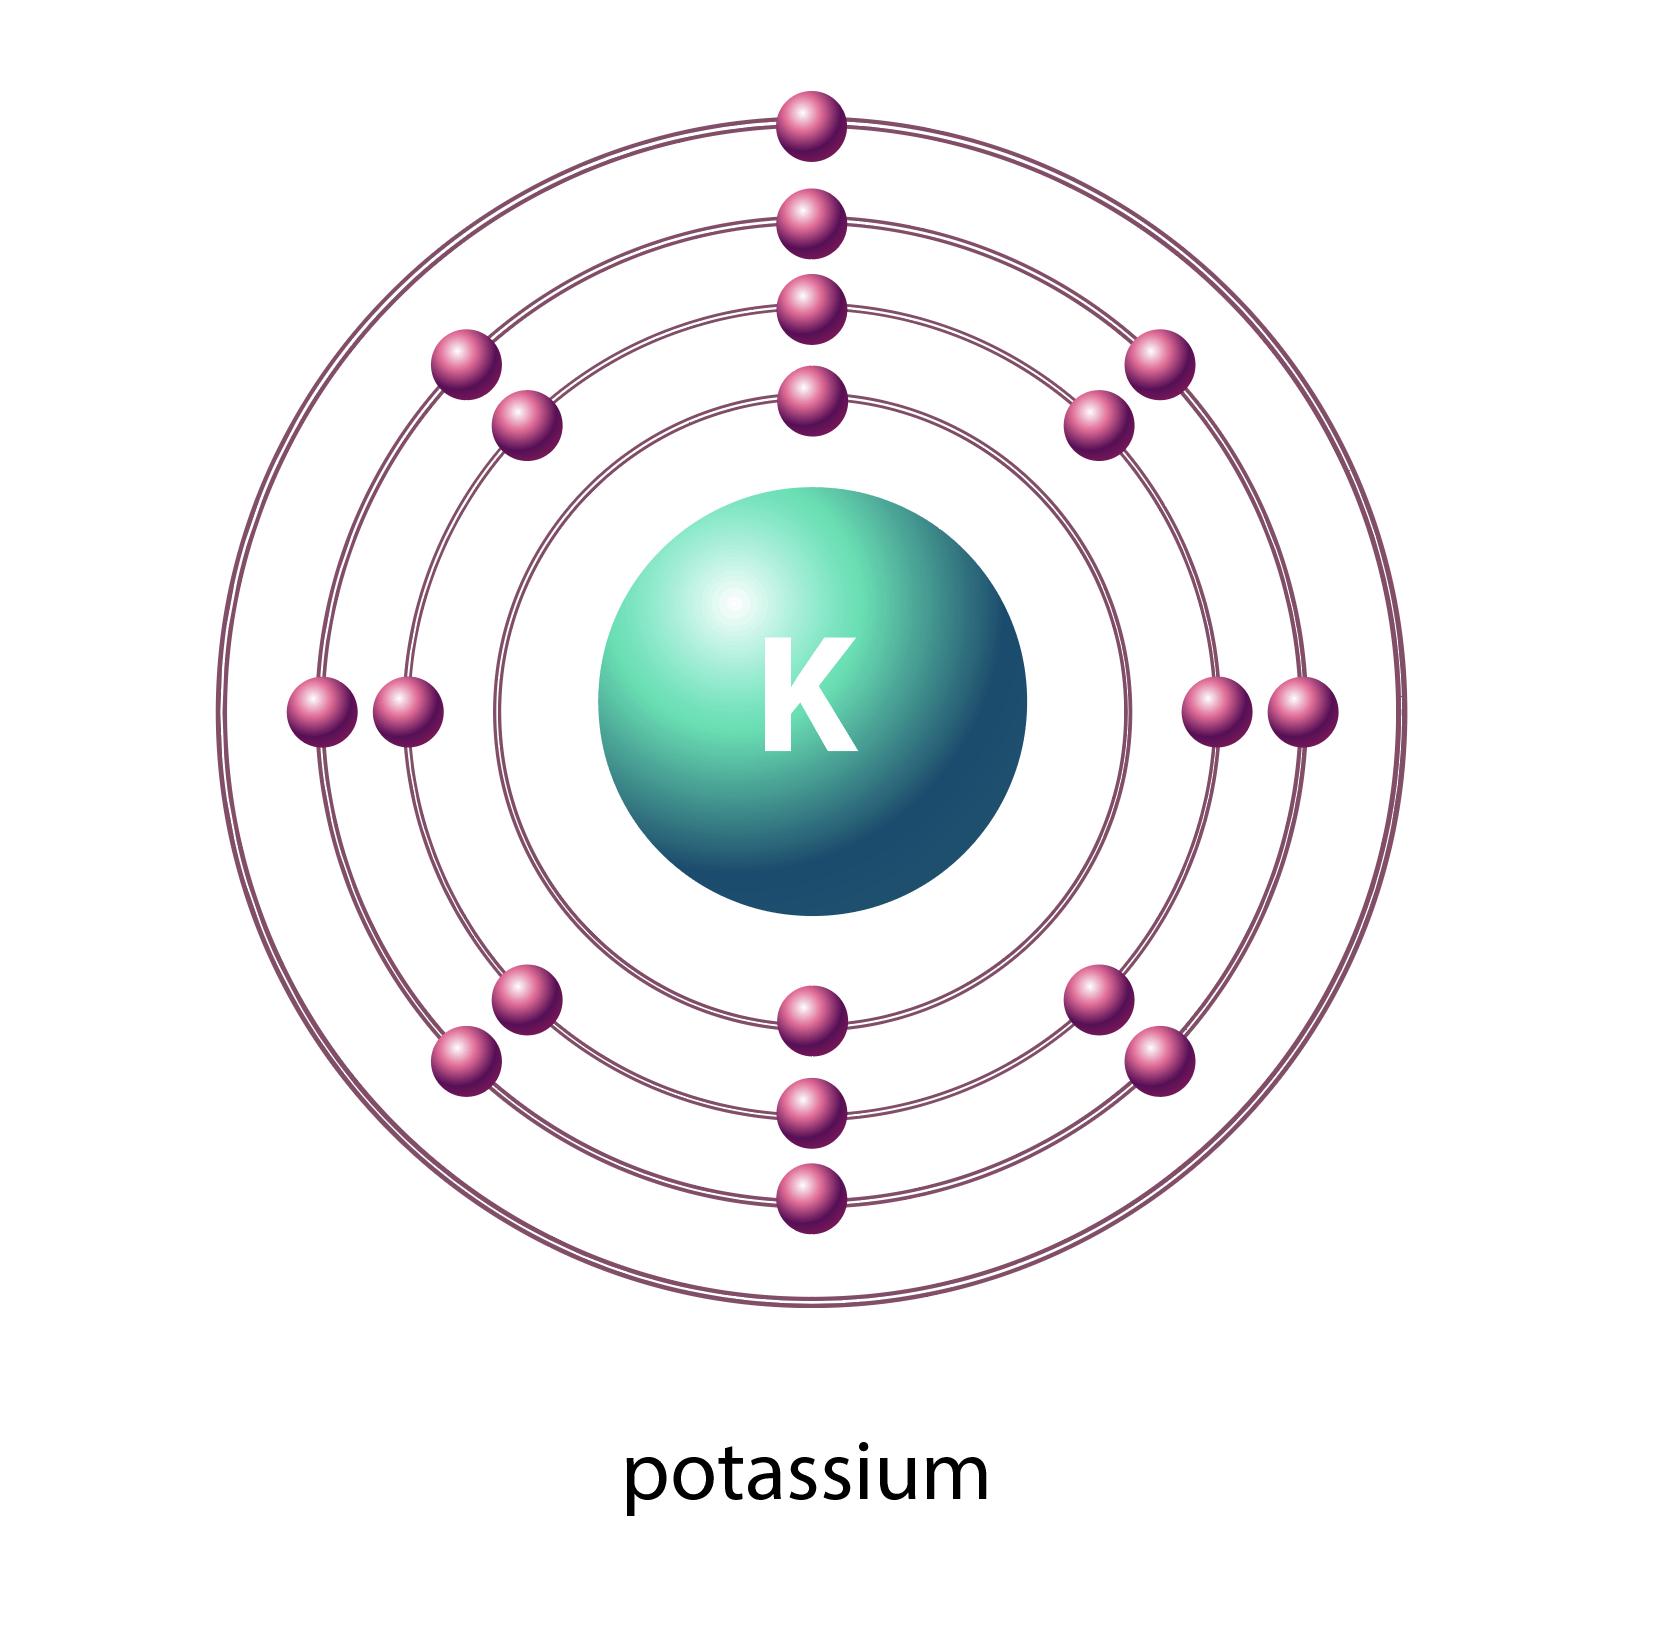 potassium molecule